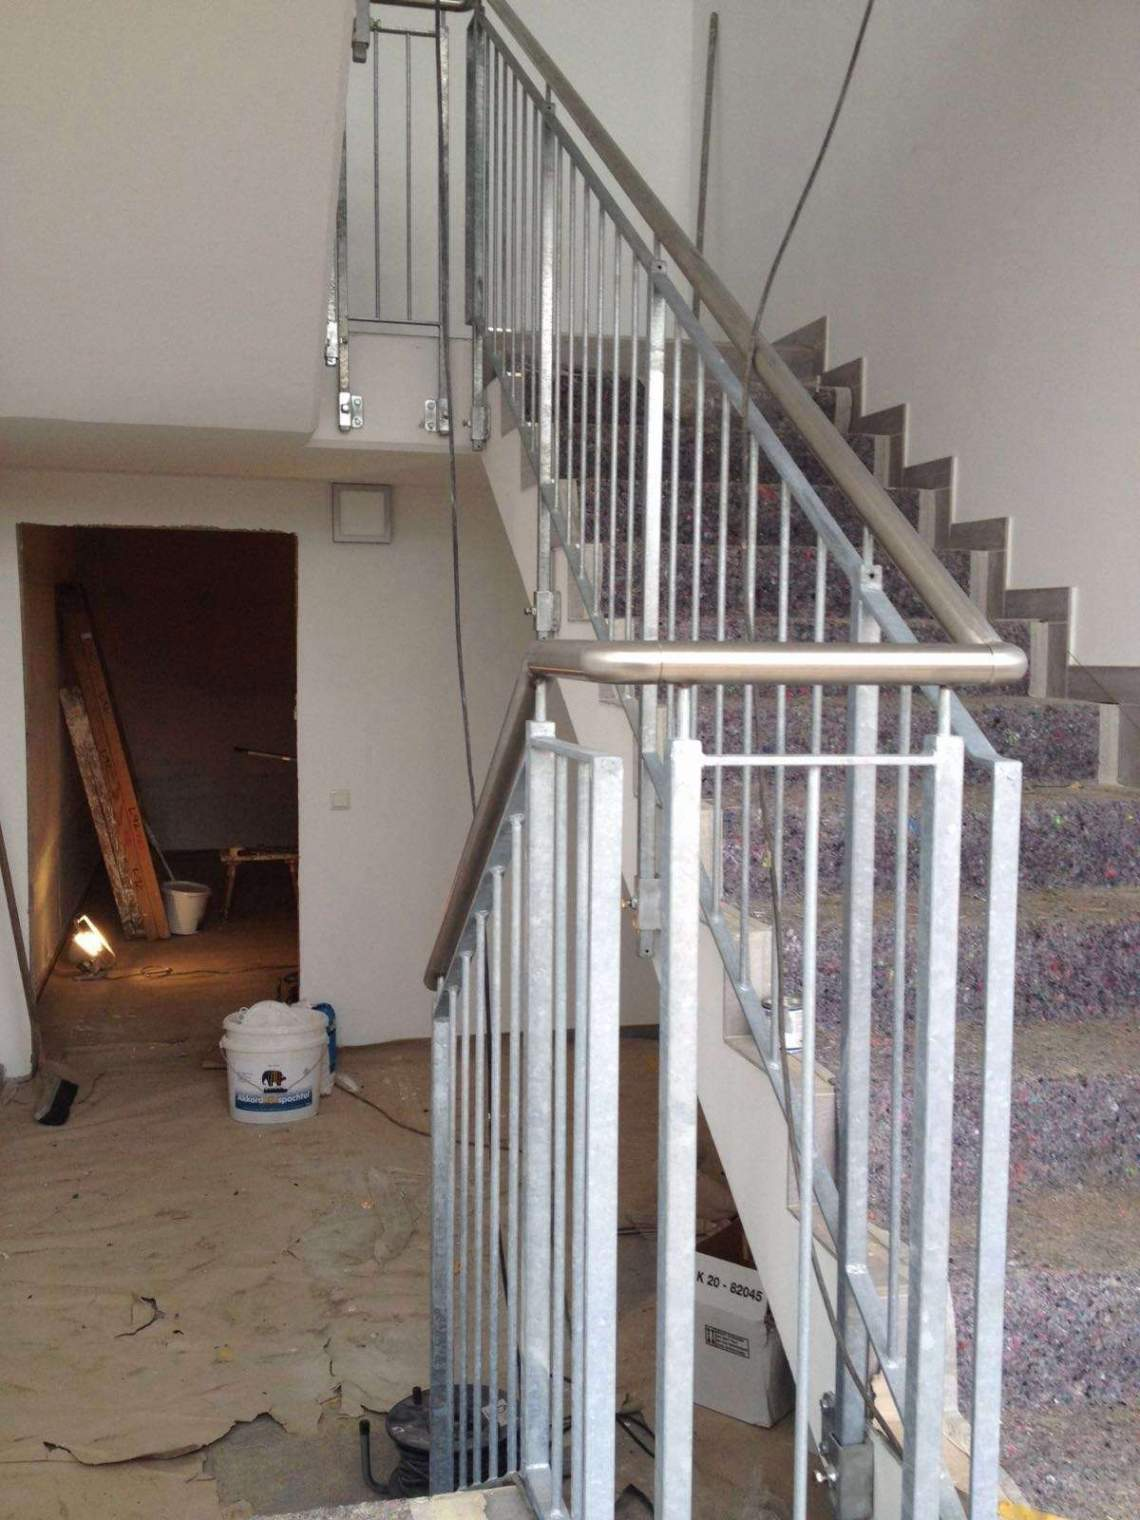 Garten Geländer Inspirierend Treppengeländer Innen Holz — Temobardz Home Blog